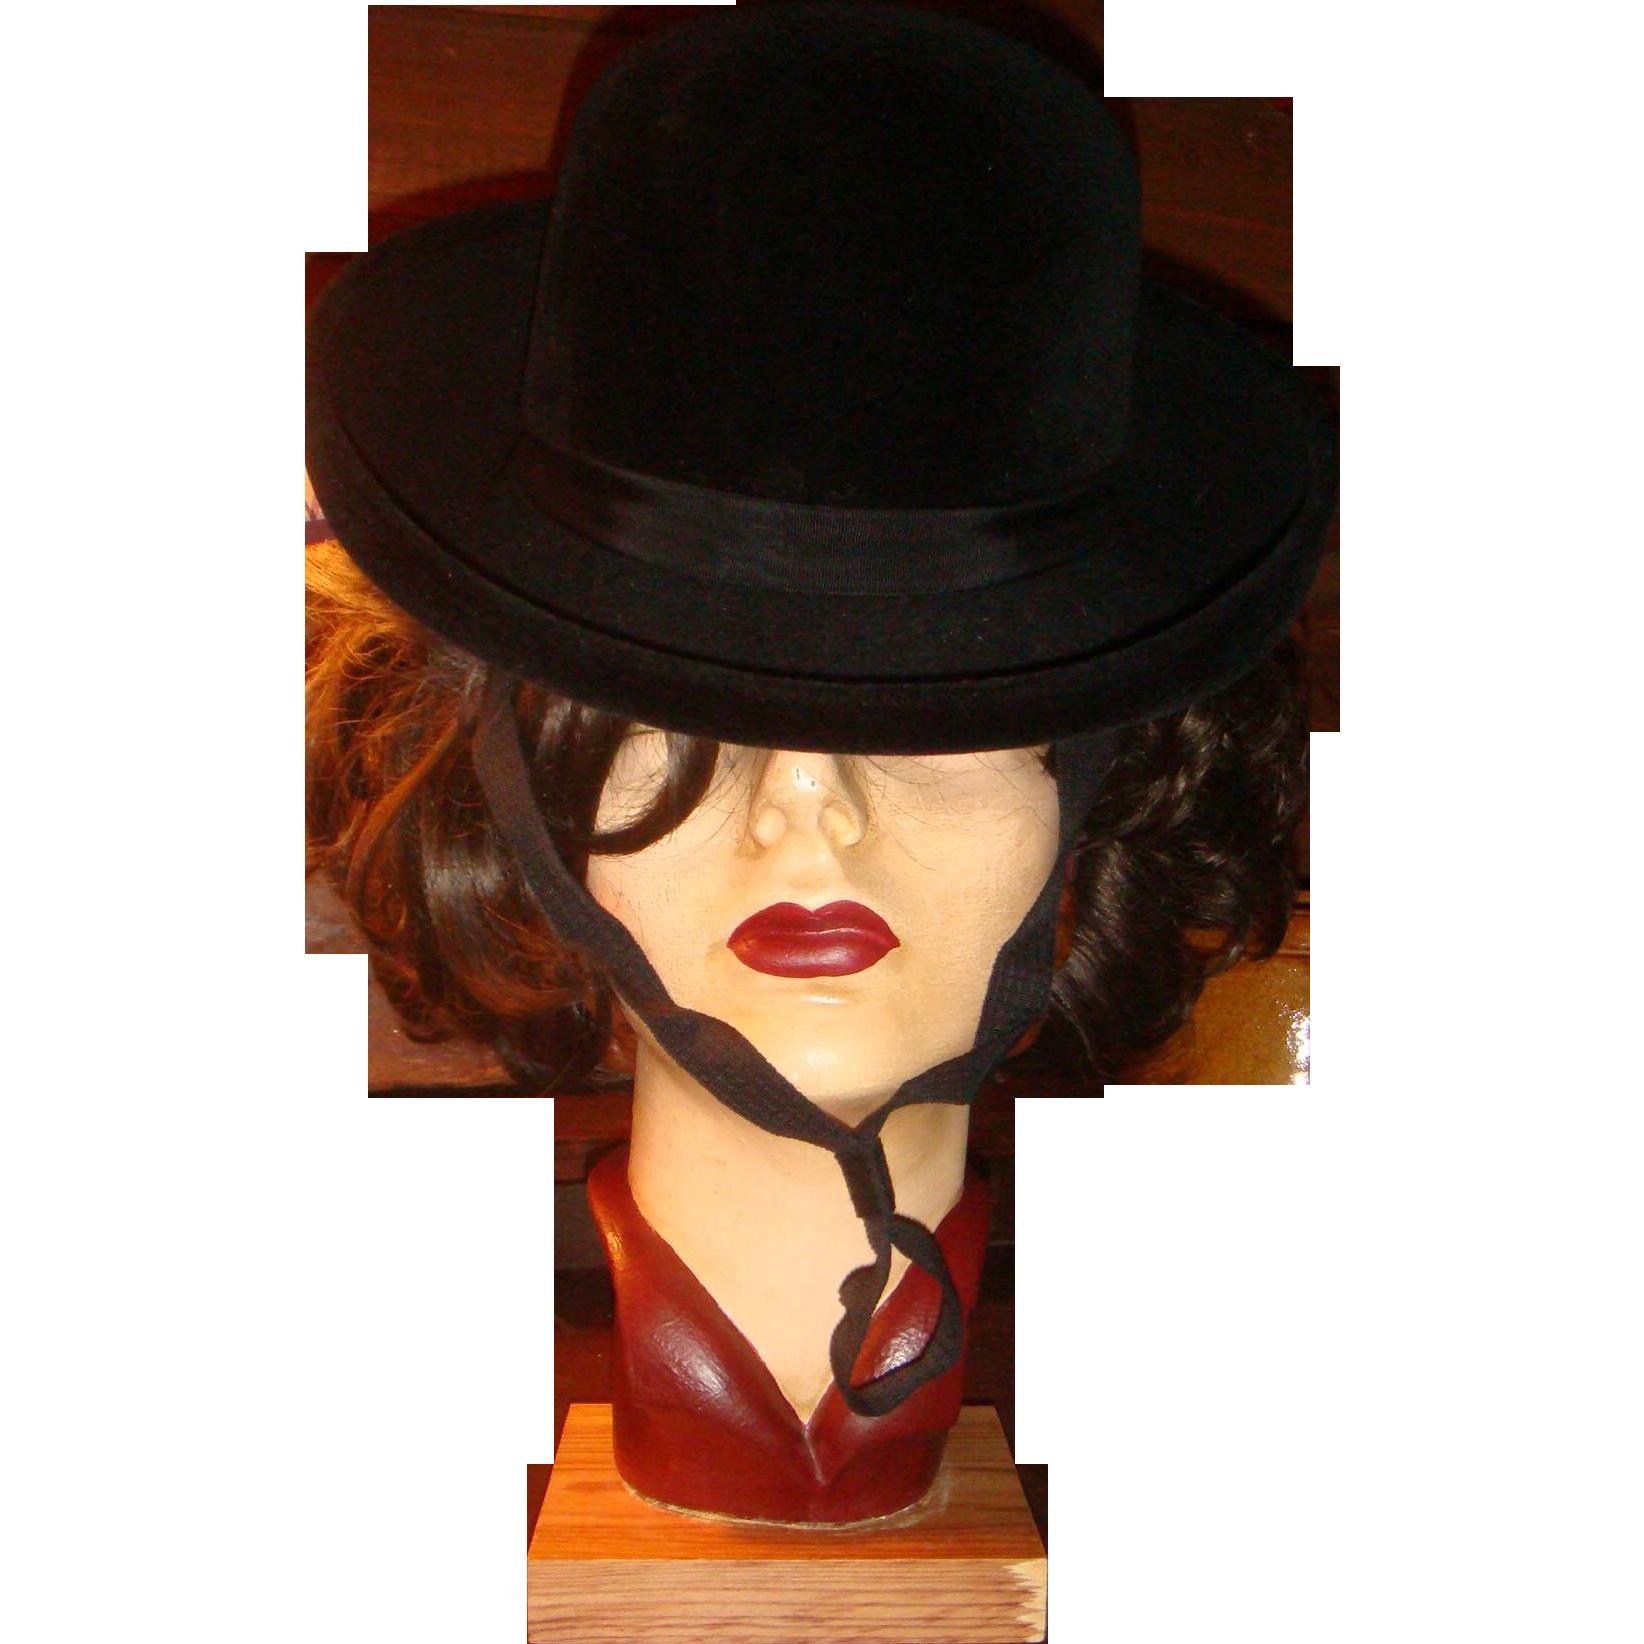 Vintage Black Velvet or Velour Hat Cotillion Made in France Miss Eileen Original